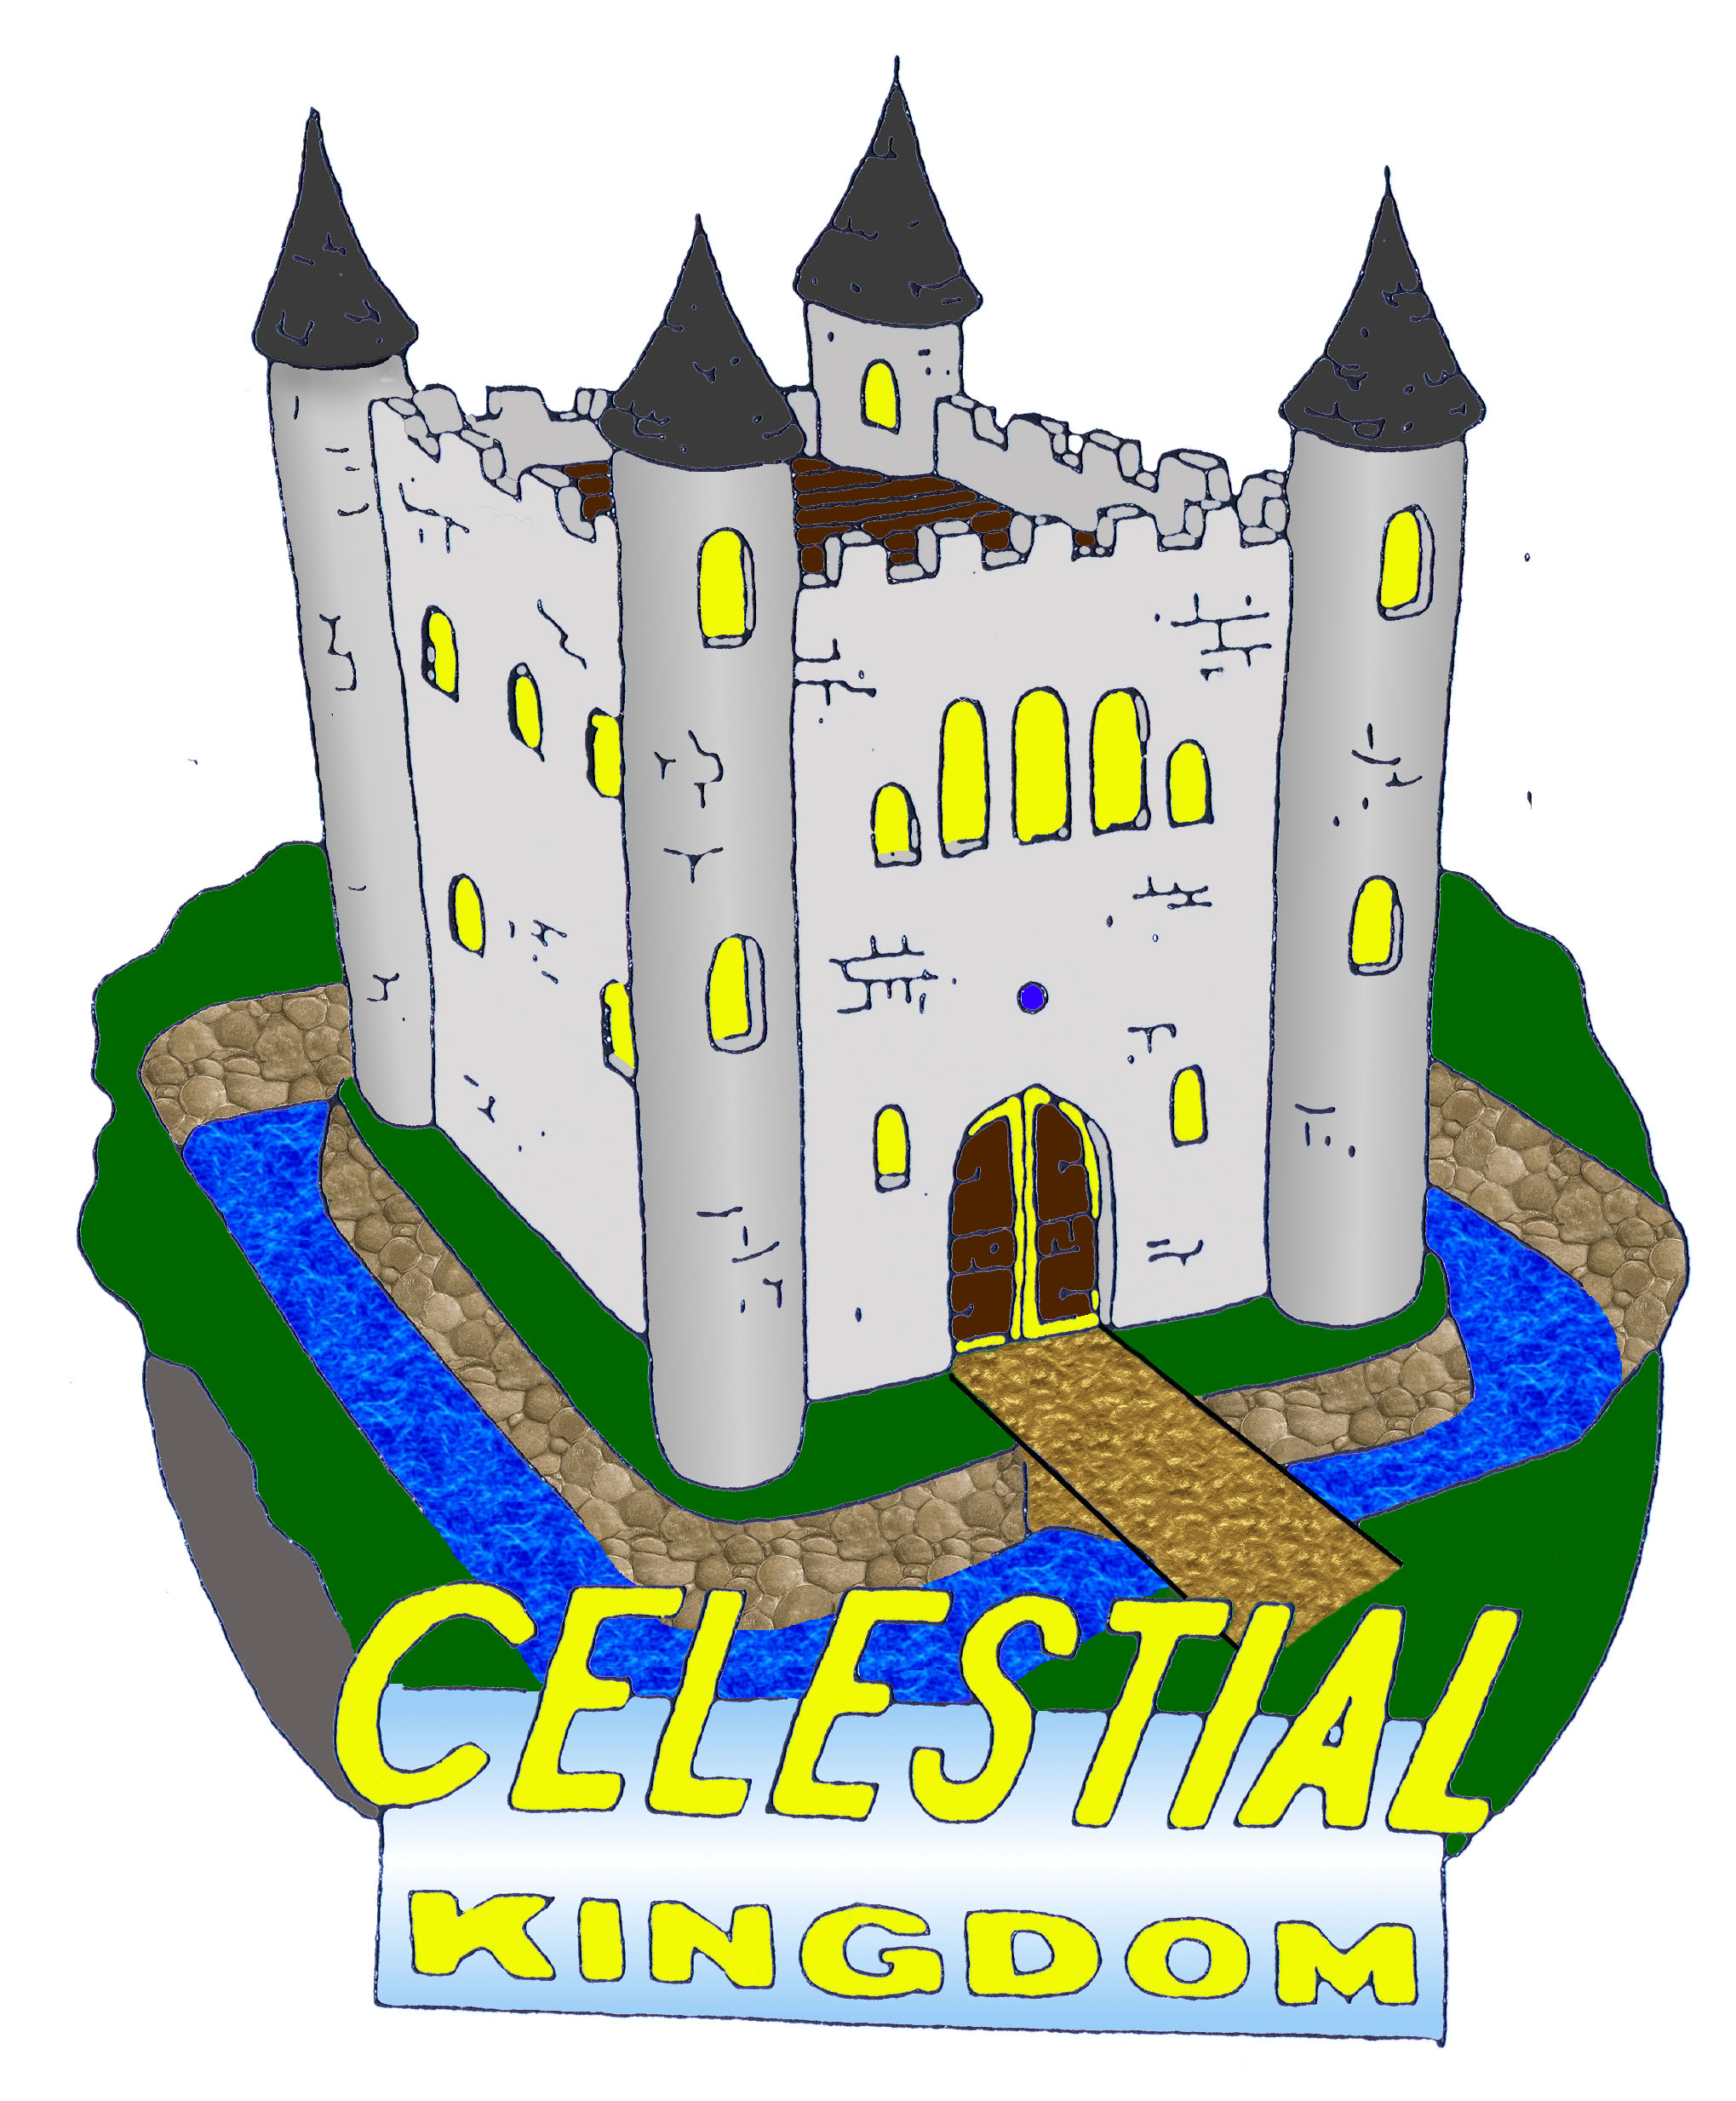 Lds clipart celestial kingdom clip art transparent Lds clipart celestial kingdom - ClipartFest clip art transparent